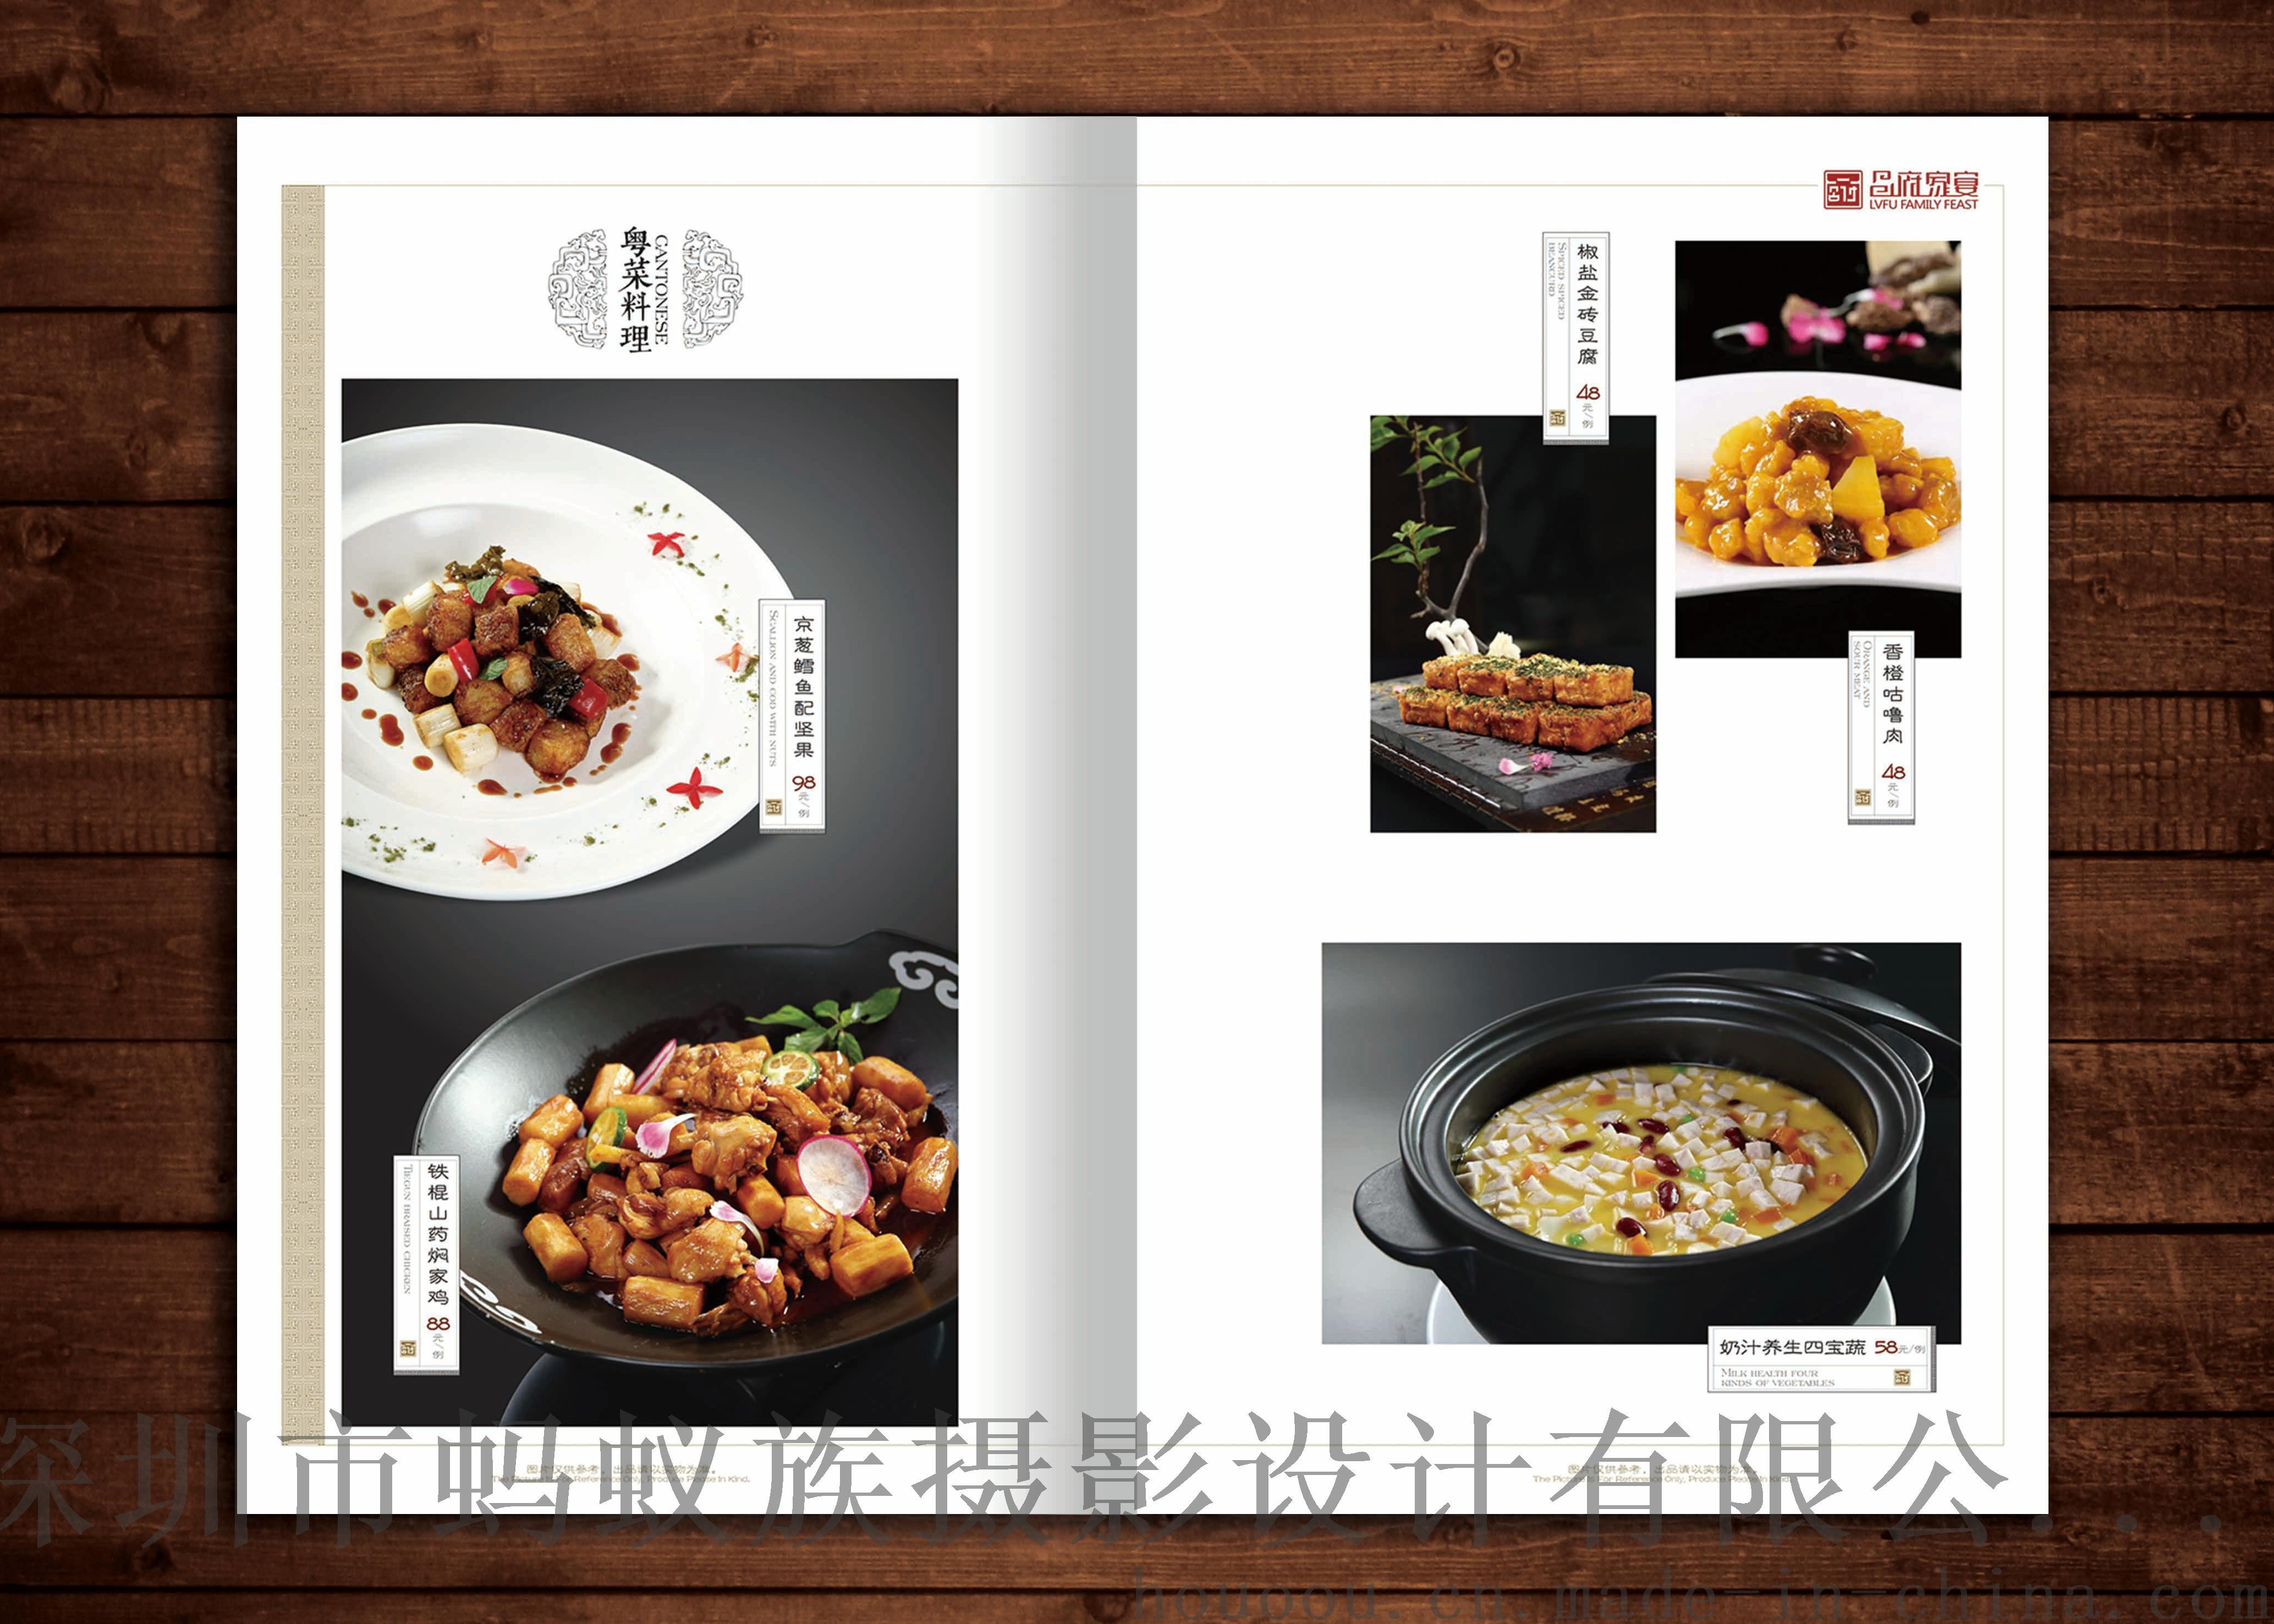 菜单设计外卖拍摄腊肉摄影美食拍摄菜谱拍摄狗菜品图片